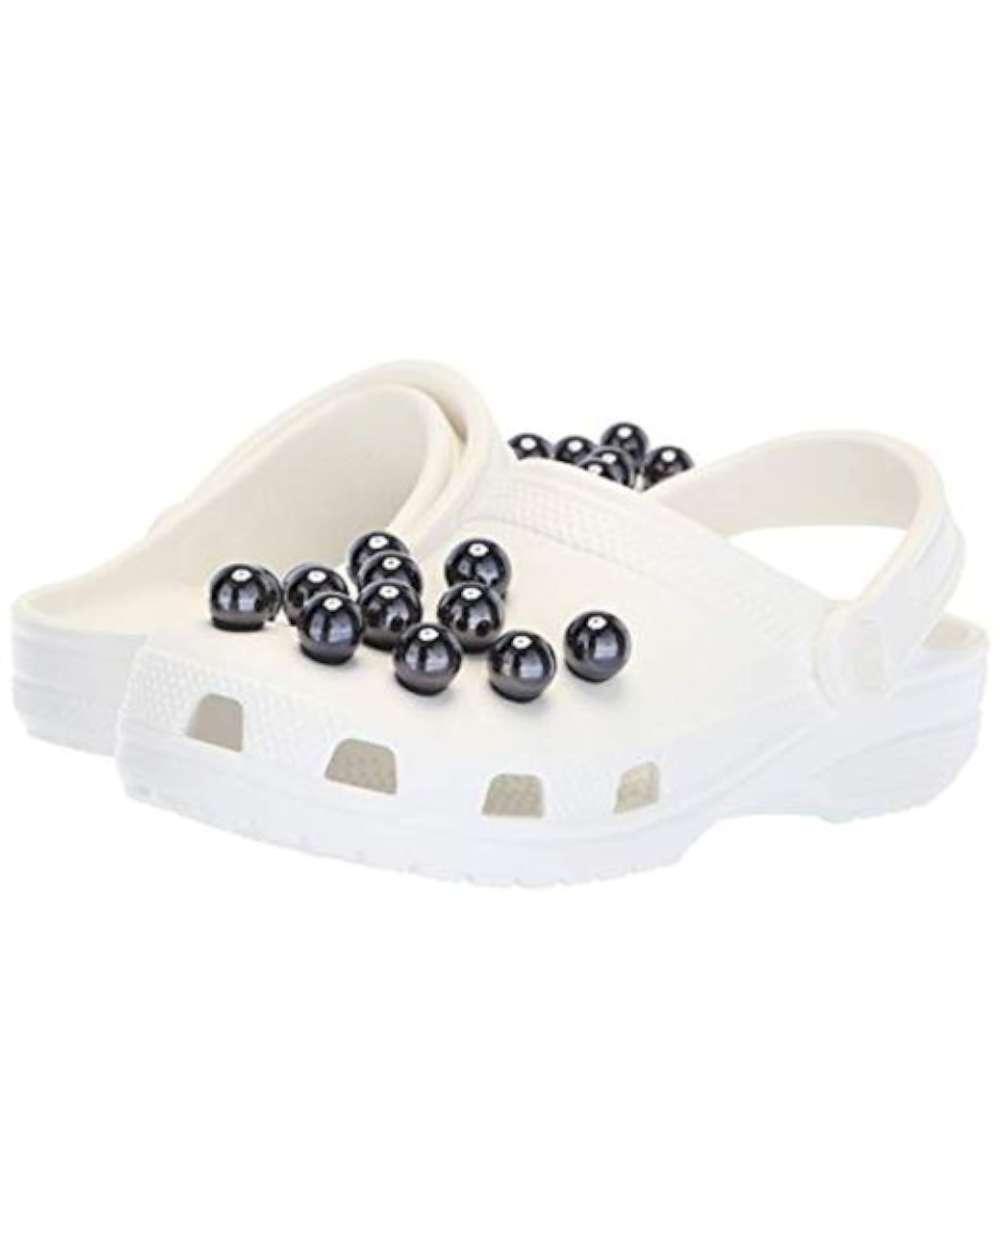 new style e72a6 c87d8 Details about Crocs Women's Clogs Black Size 4 US/- show original title